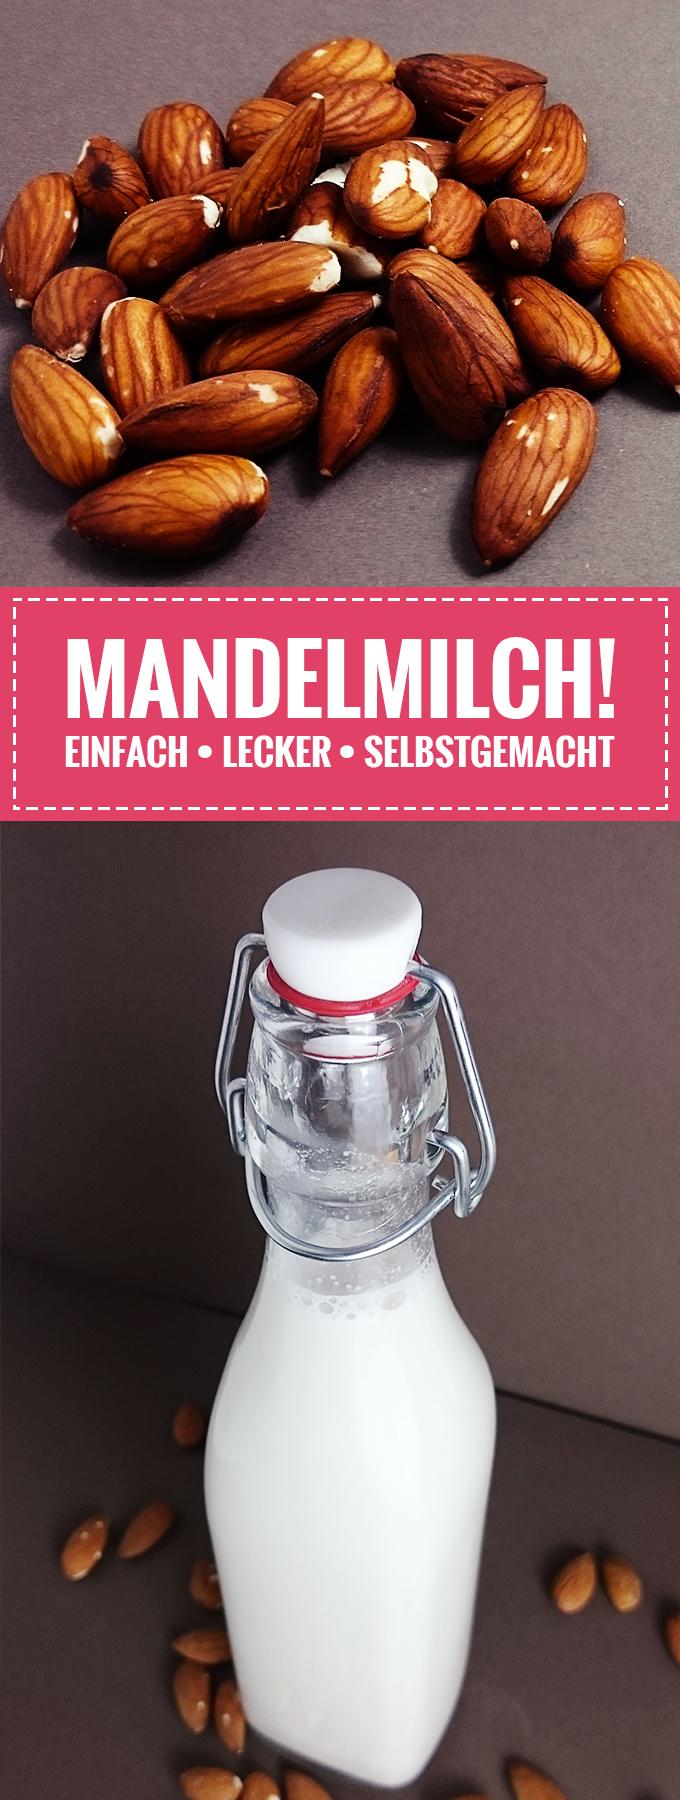 Super leckere Mandelmilch – Ganz einfach selbst gemacht! // Knabberkult.de